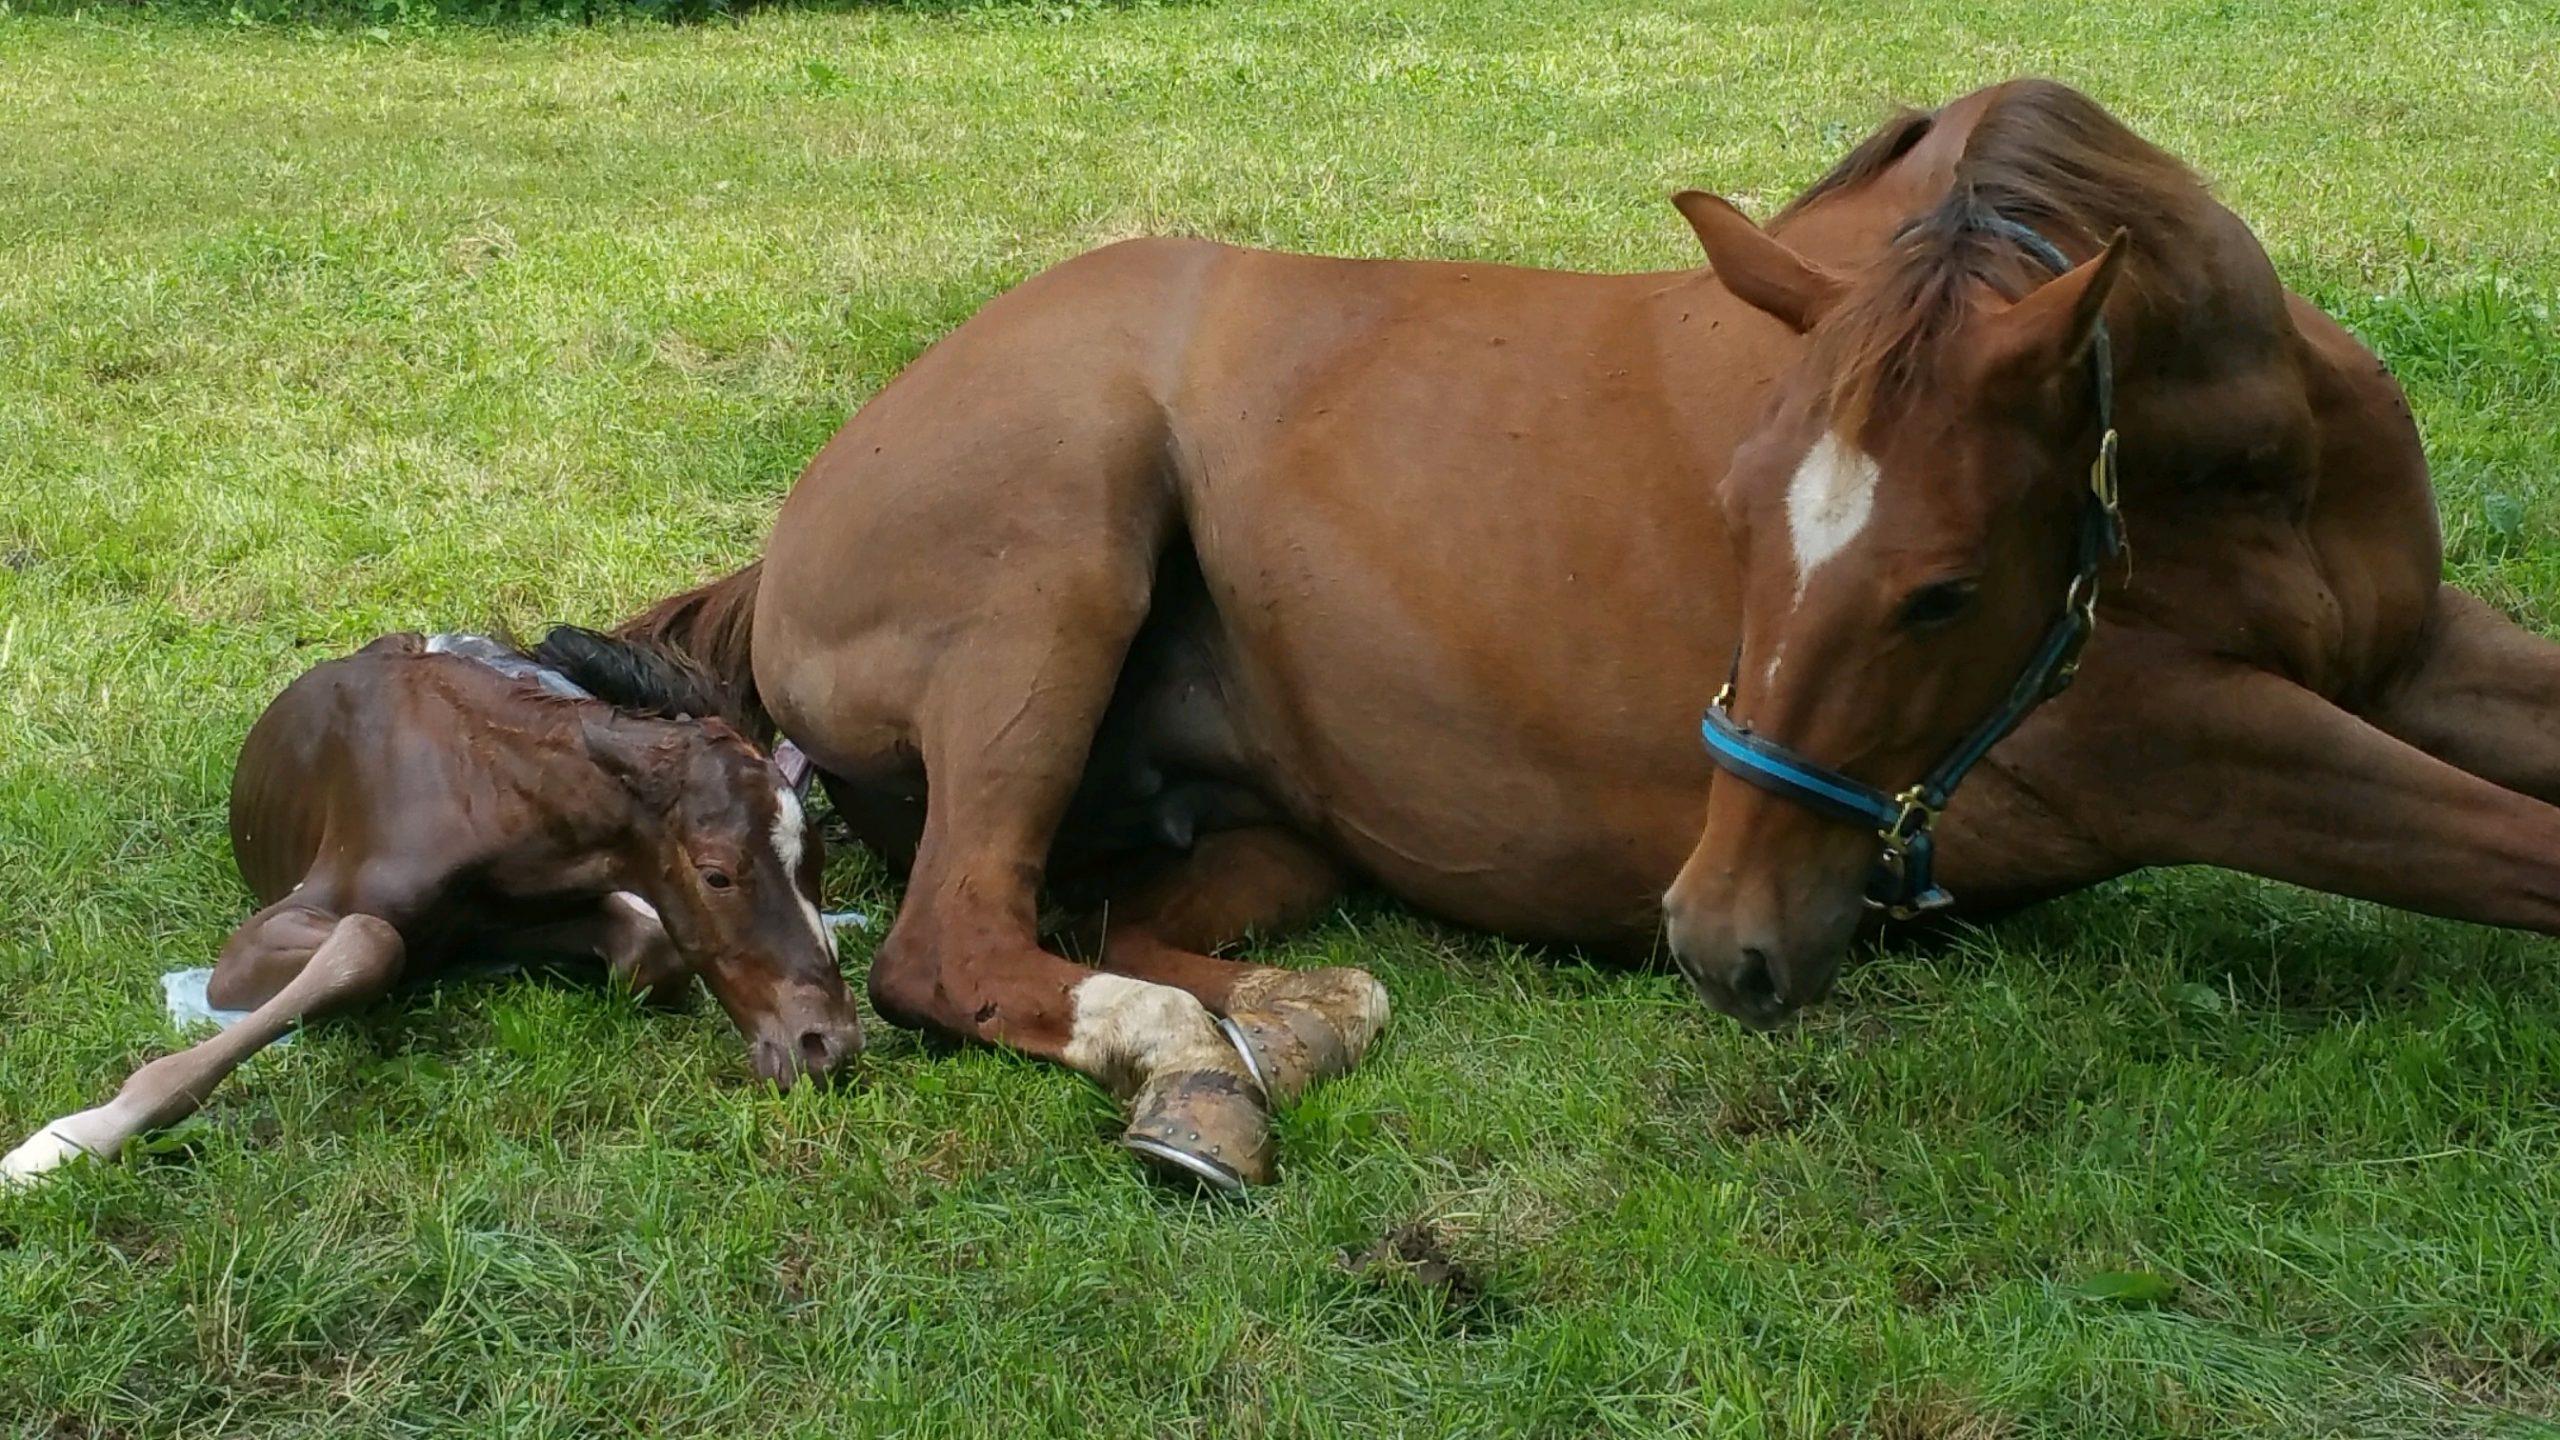 veulen veulenen merrie paard